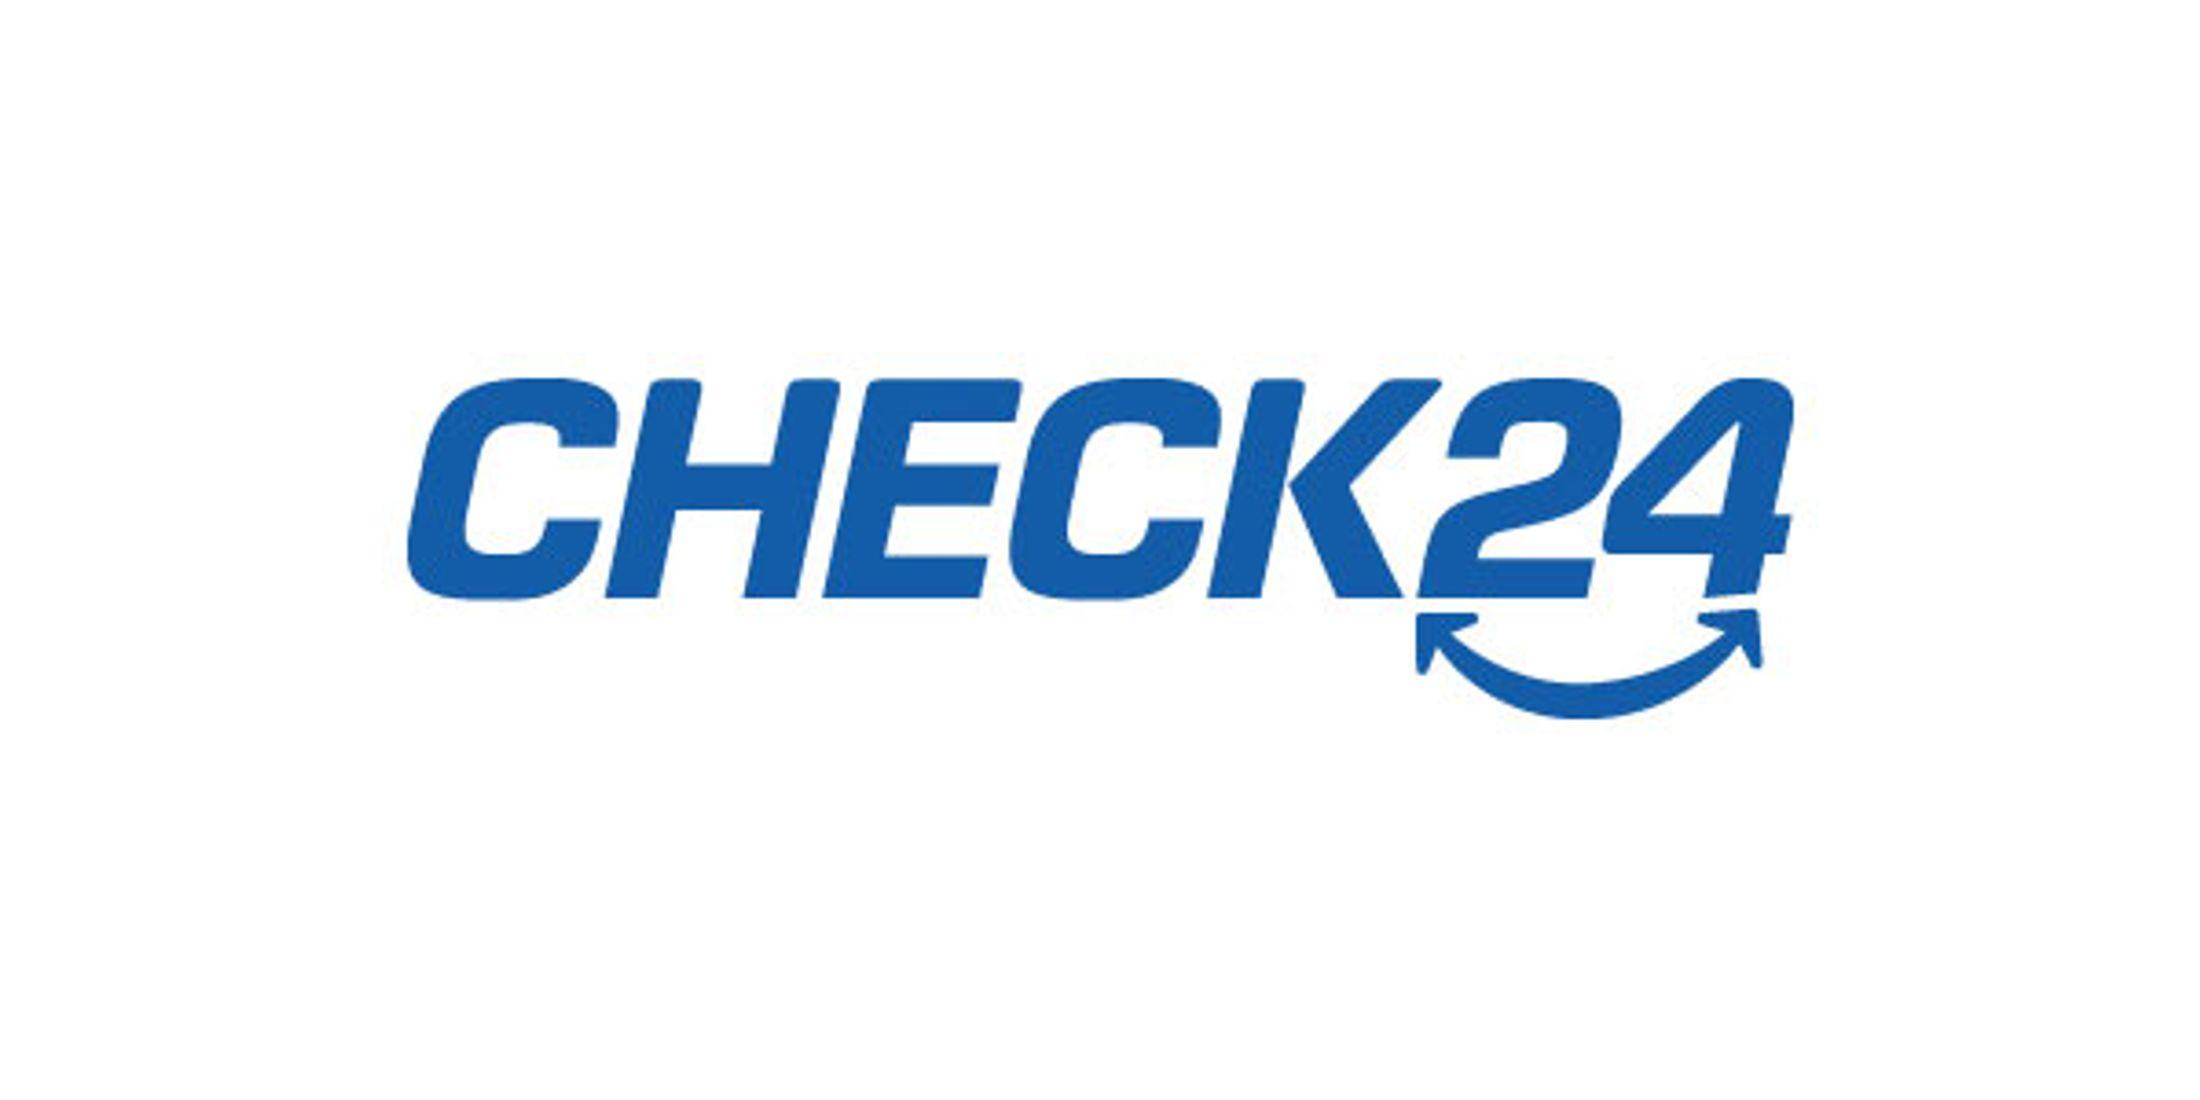 Check 24 Rövershagen